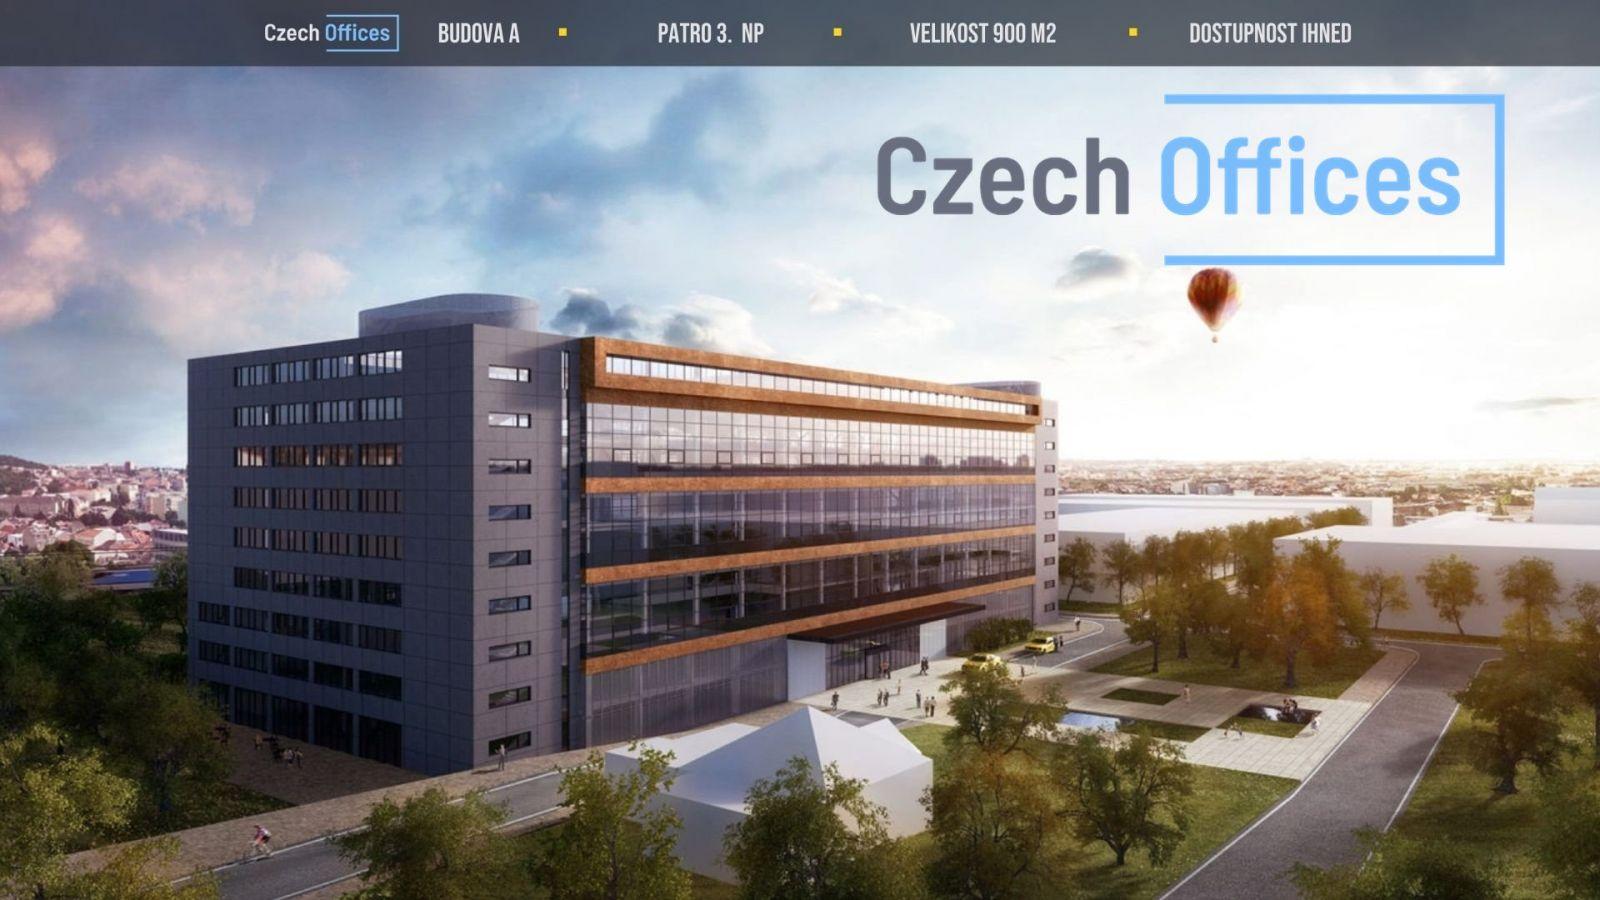 Pronájem kancelářských prostor, 900 m2, Brno-Židenice